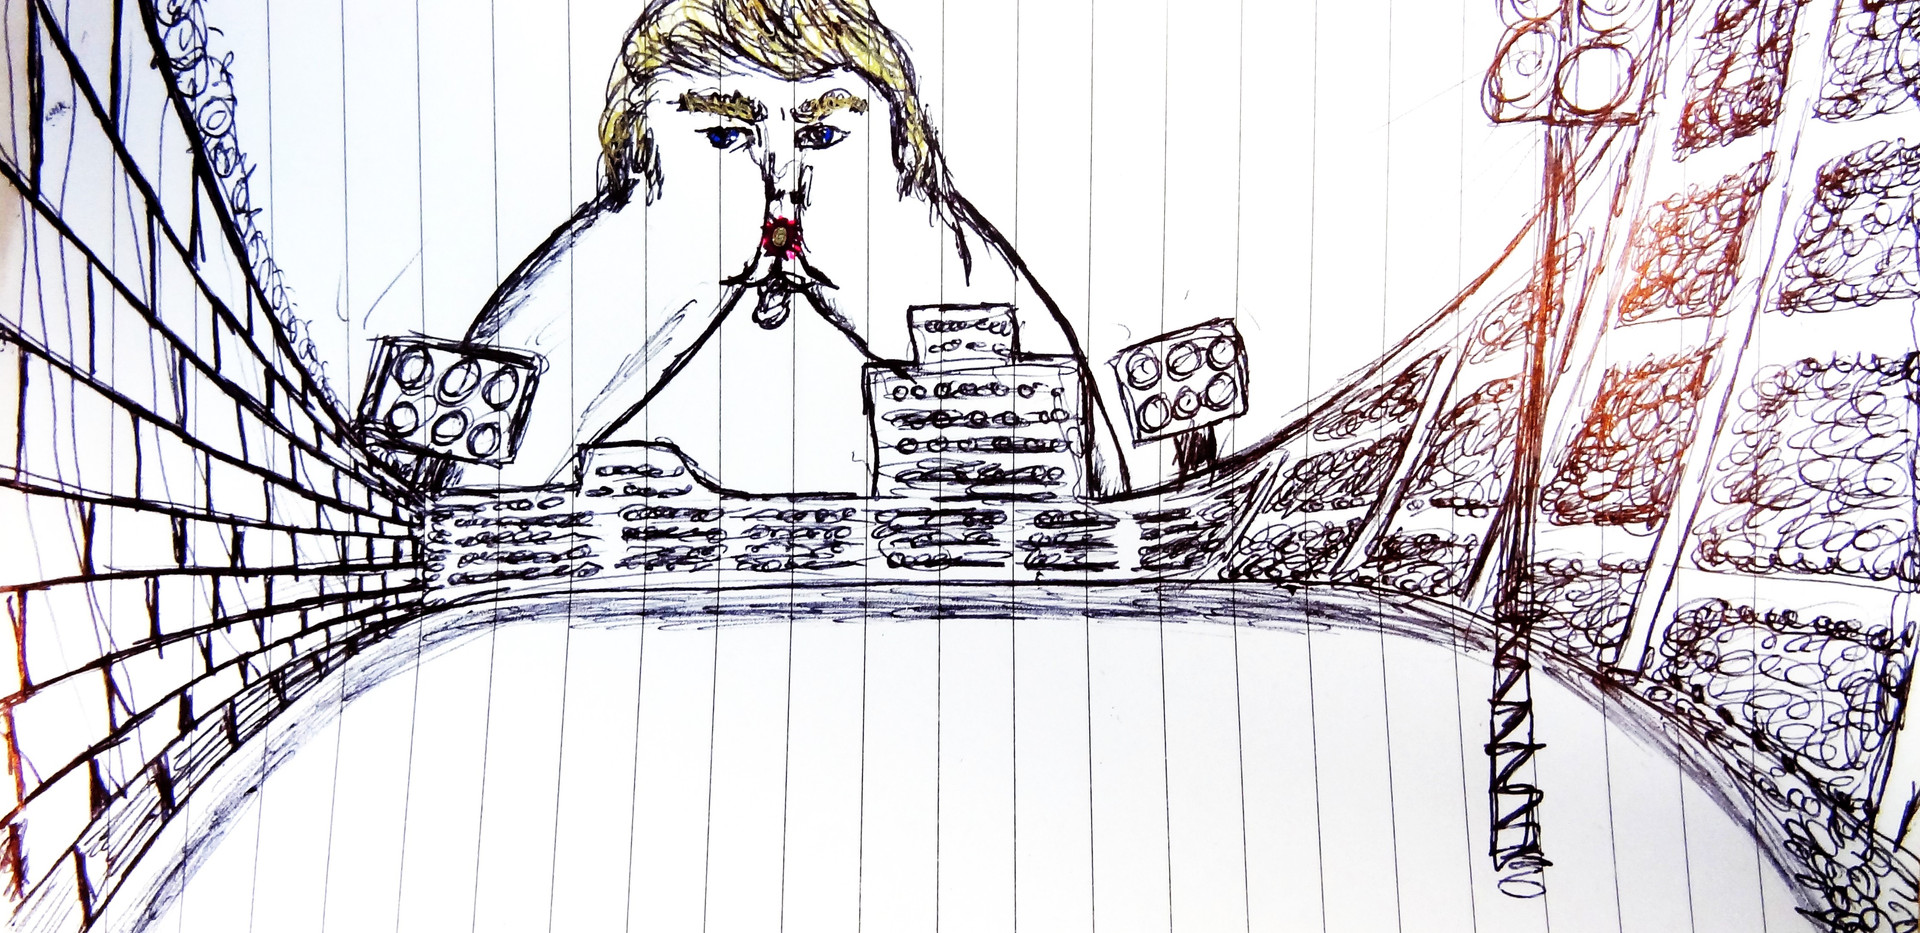 El Trumpudo. Ink on Paper.